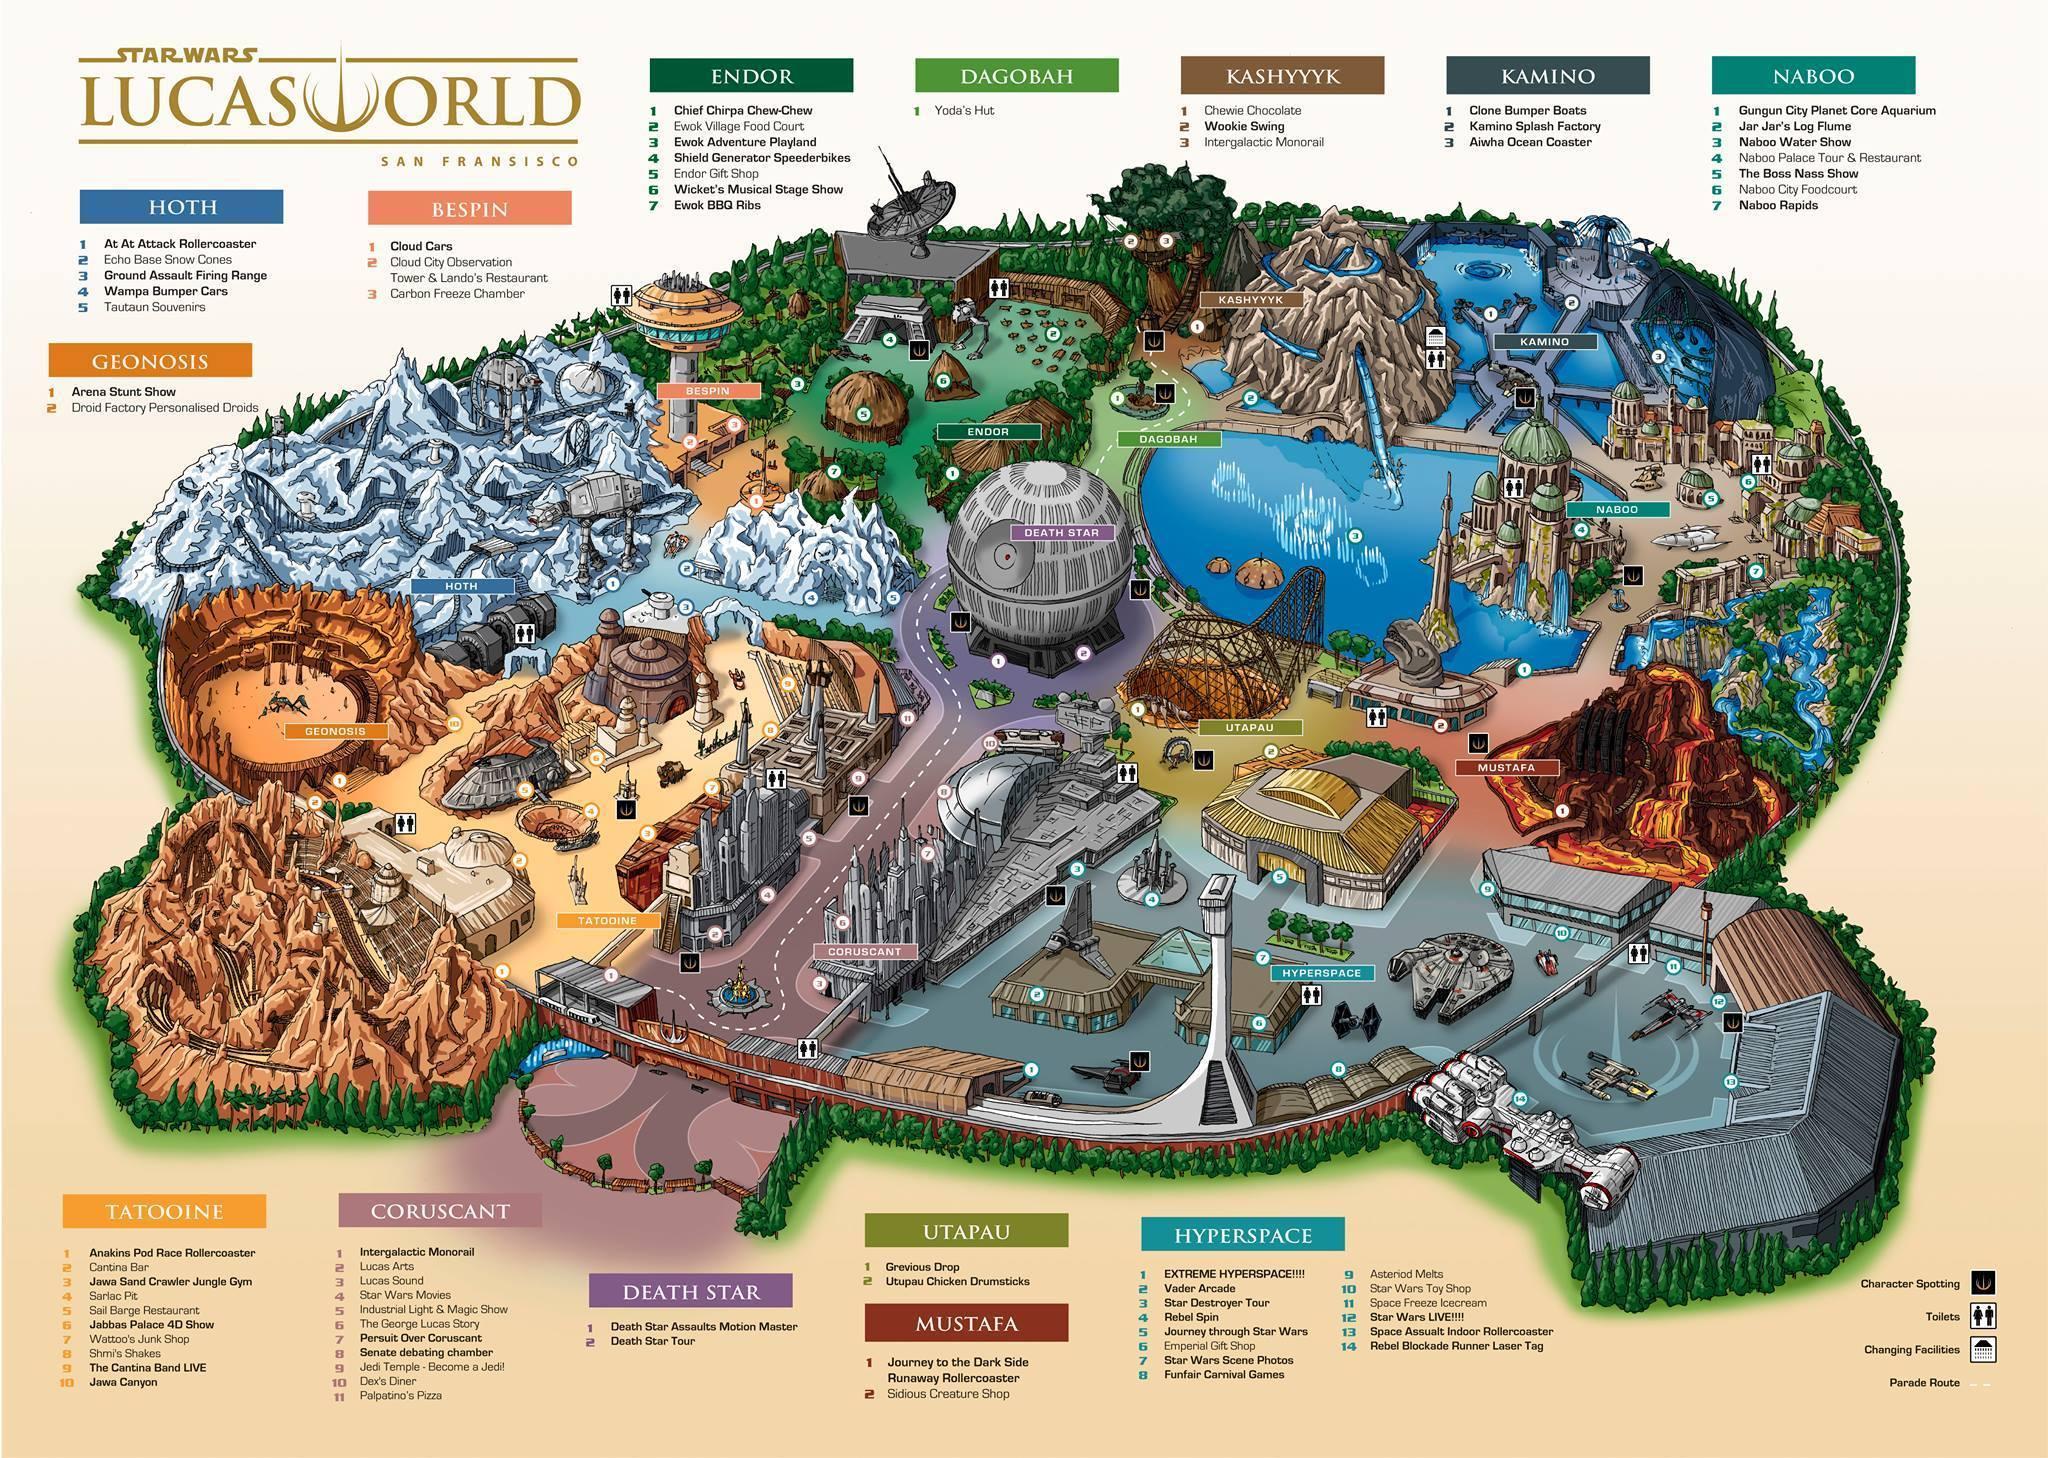 Star Wars-Ressort Disney Konzept Kevin Lynch Vergnügungspark Skizze Orlando Themepark